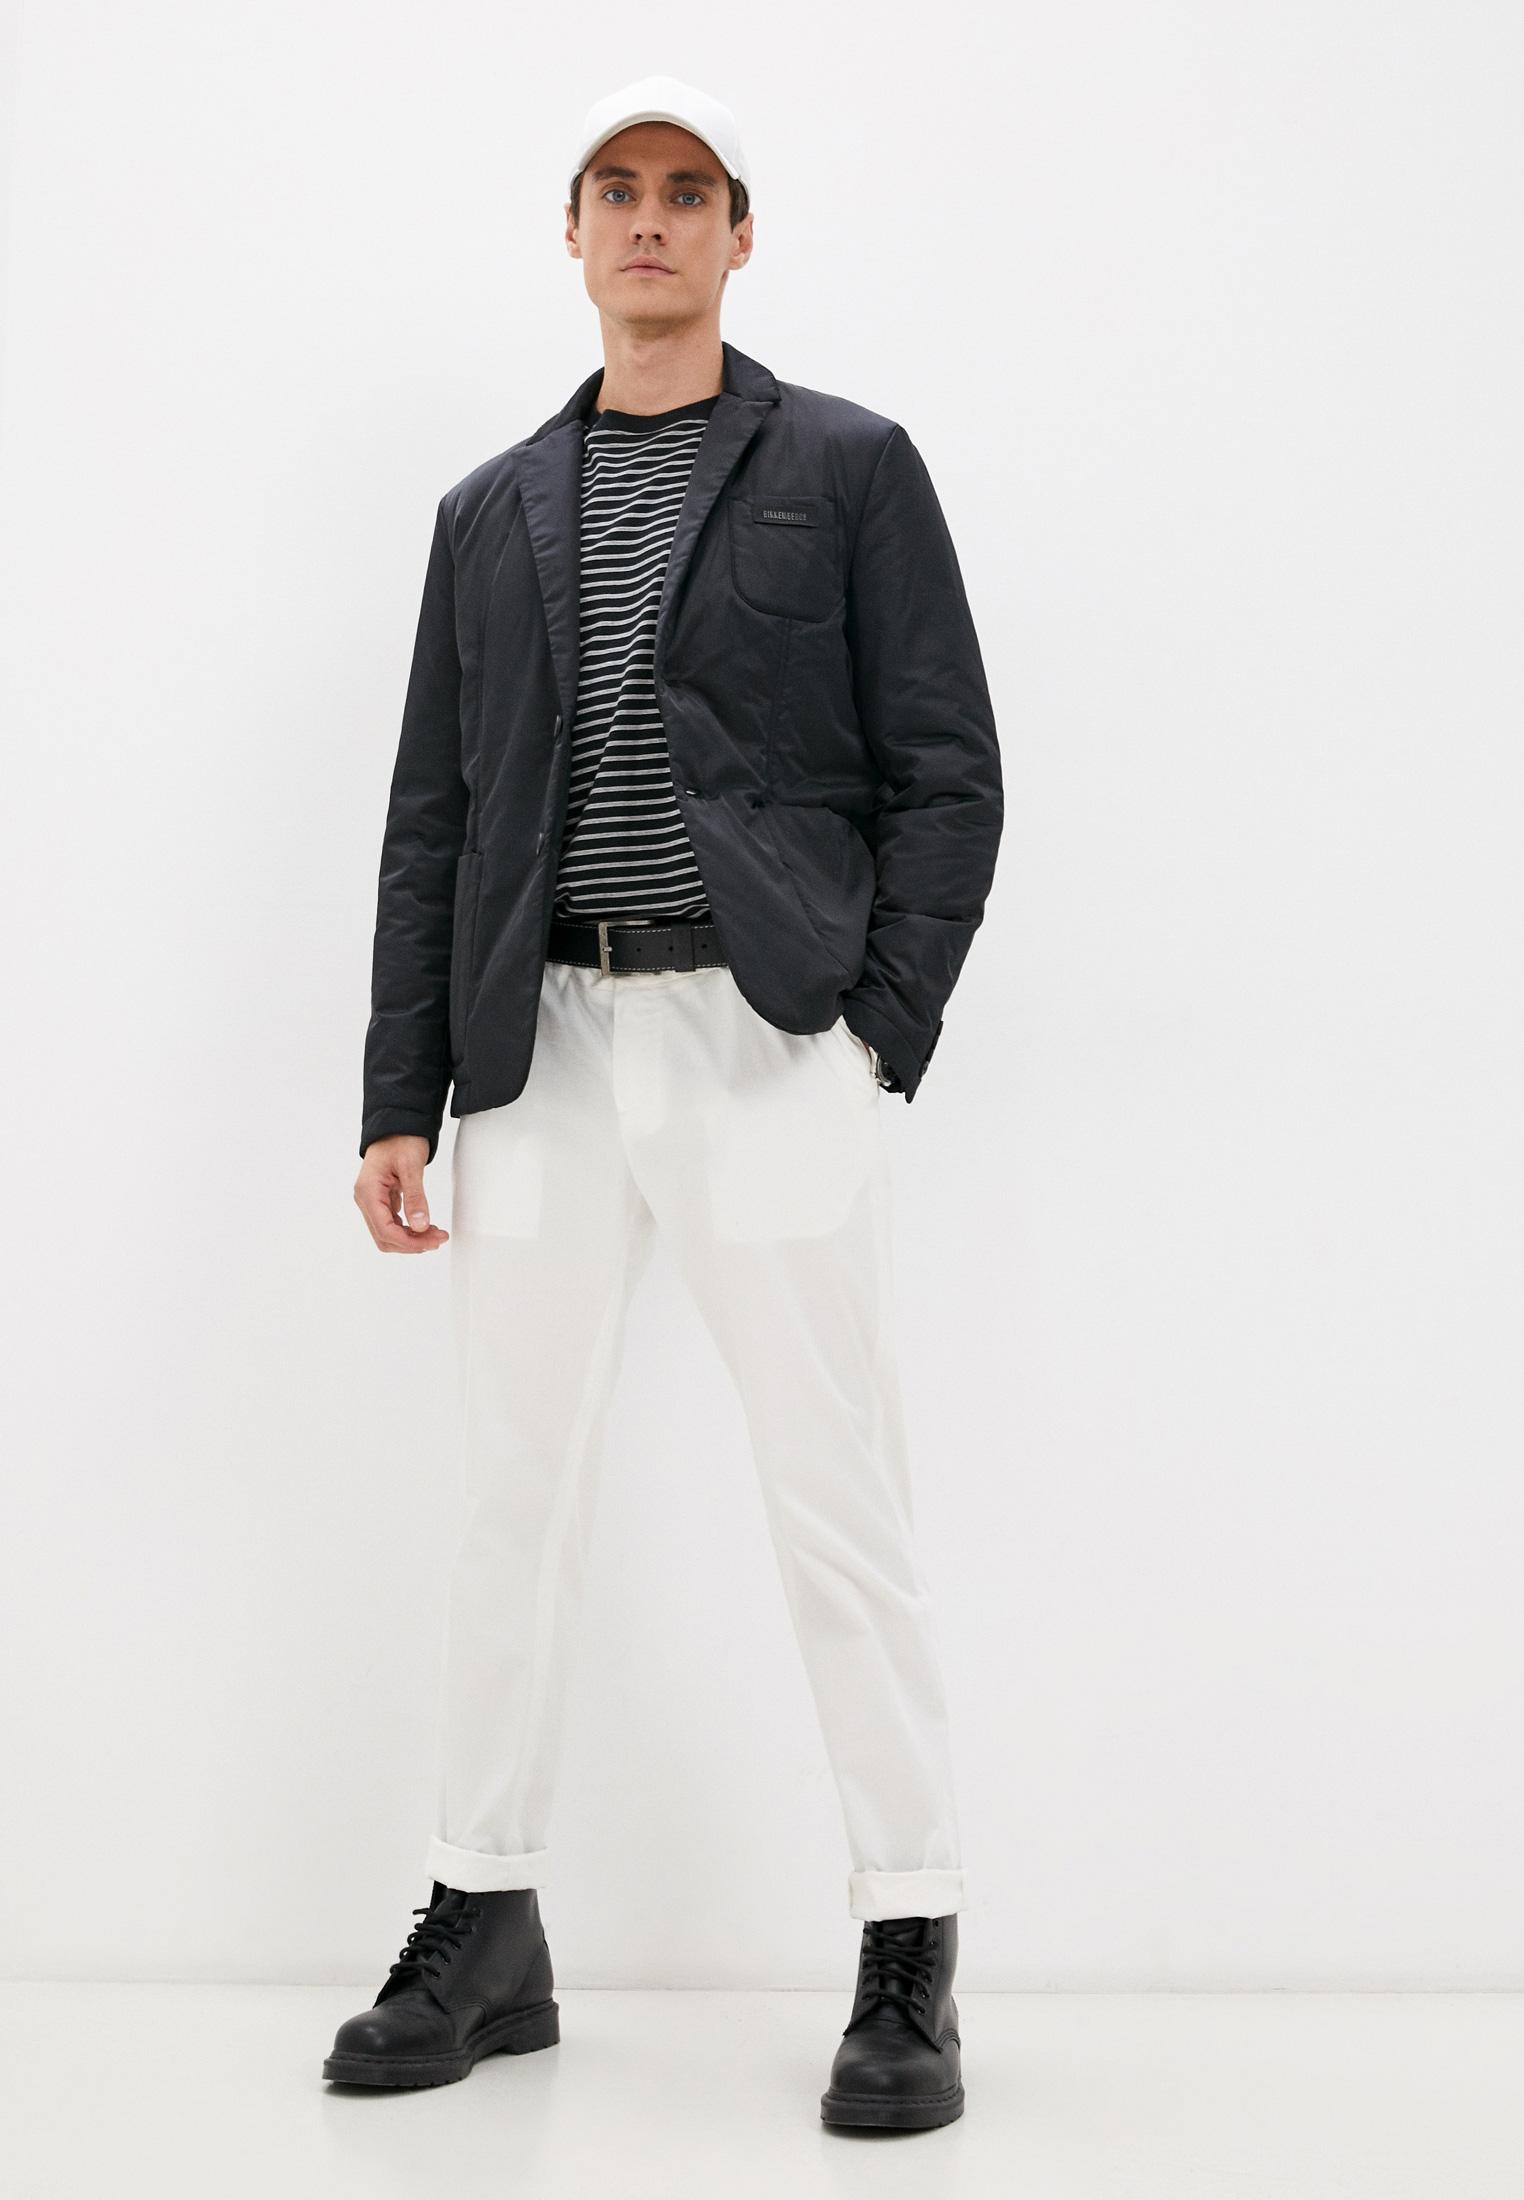 Мужская куртка Bikkembergs (Биккембергс) C I 034 00 T 014A: изображение 3